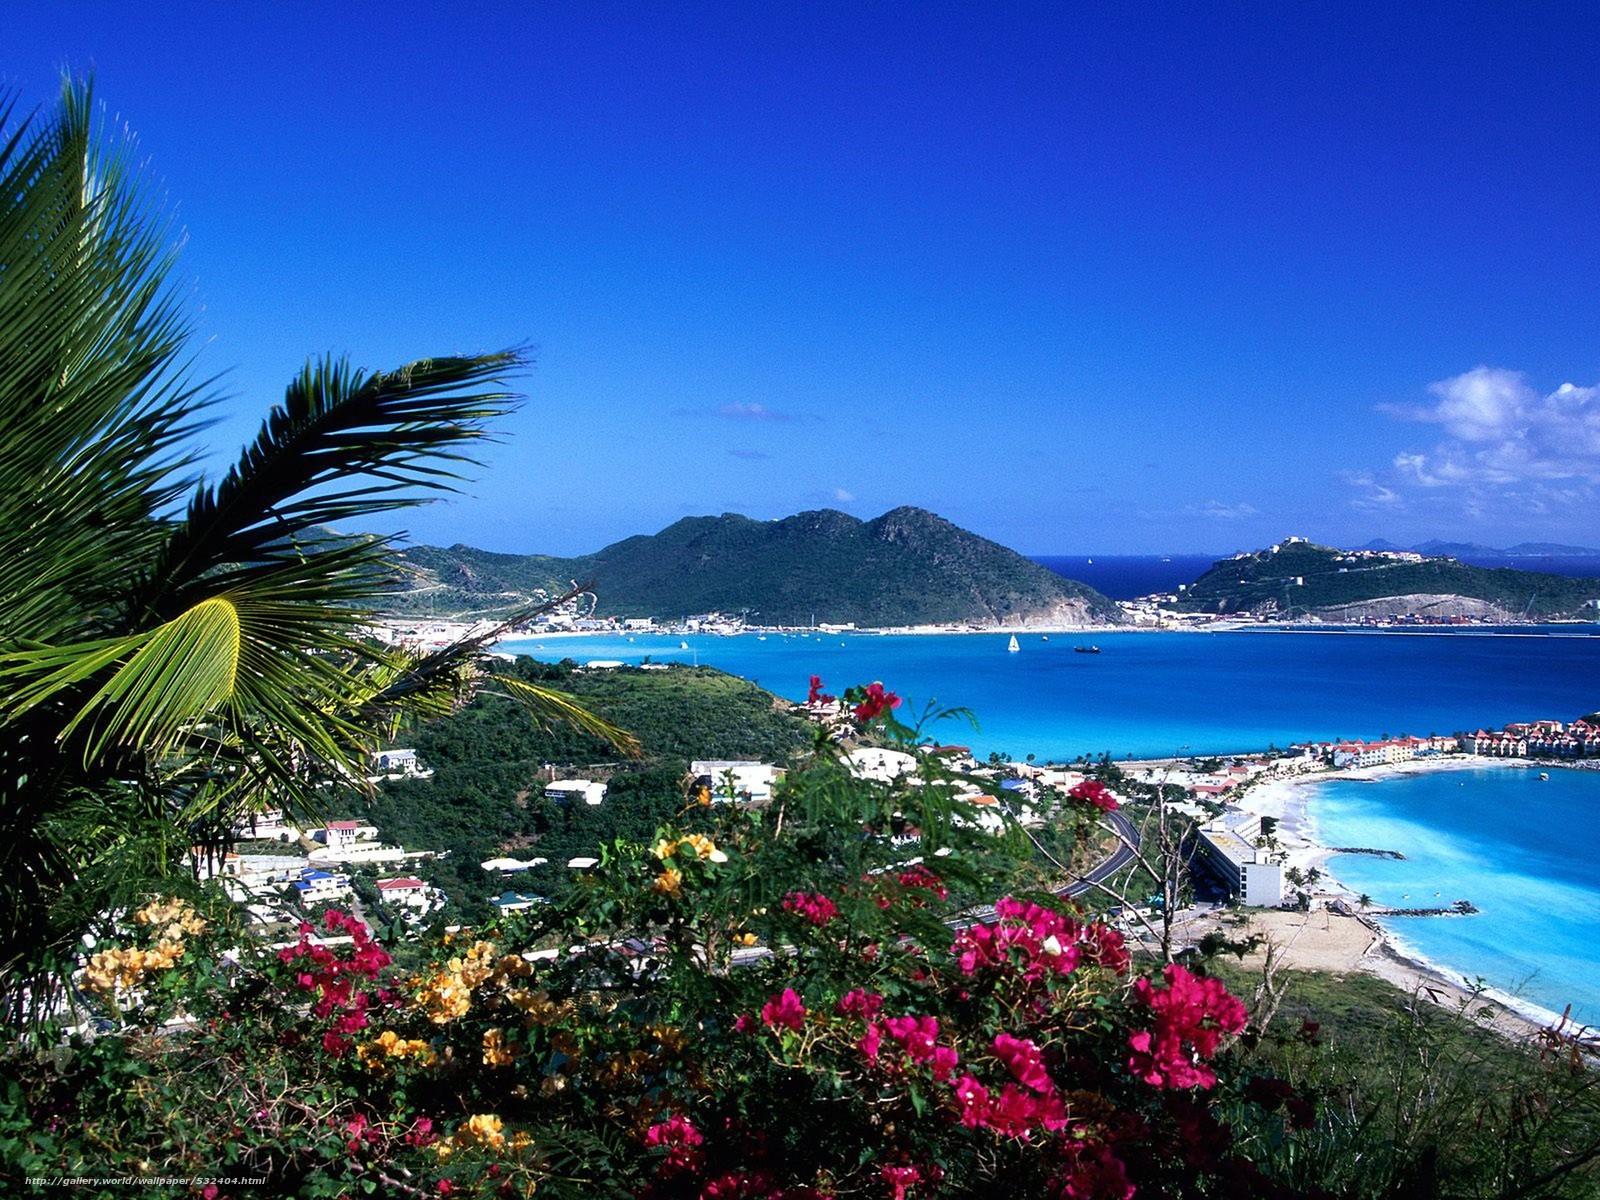 wallpaper Caribbean Island beach landscape desktop wallpaper 1600x1200